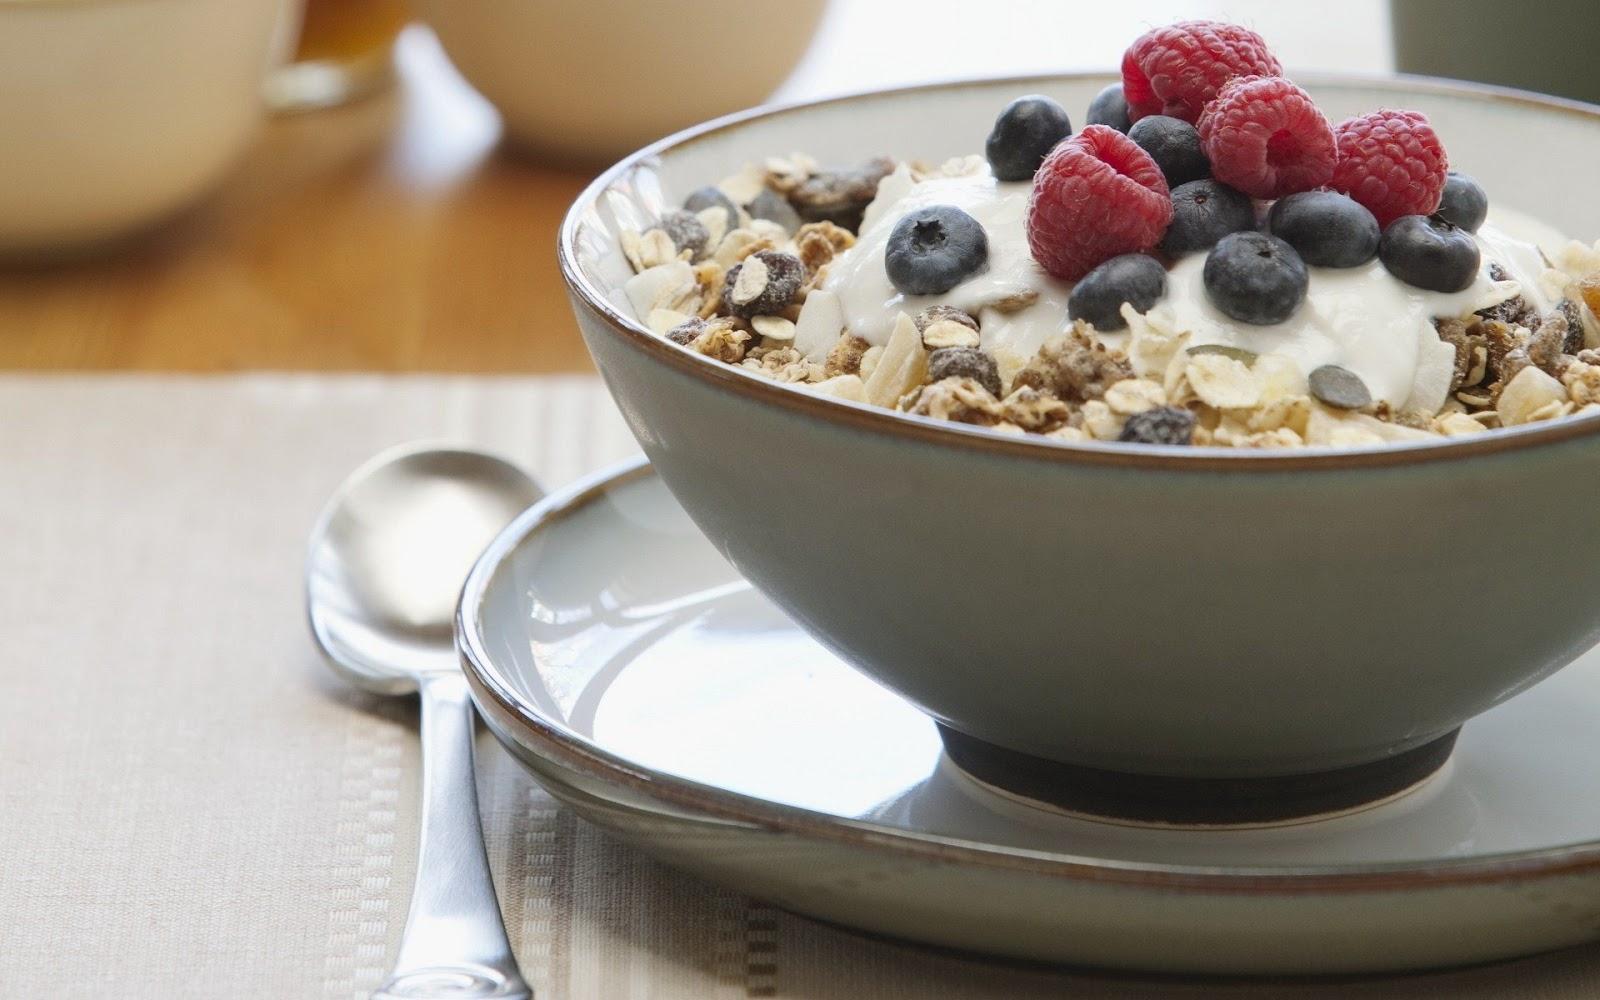 Cereals Raspberries and Bleuberries